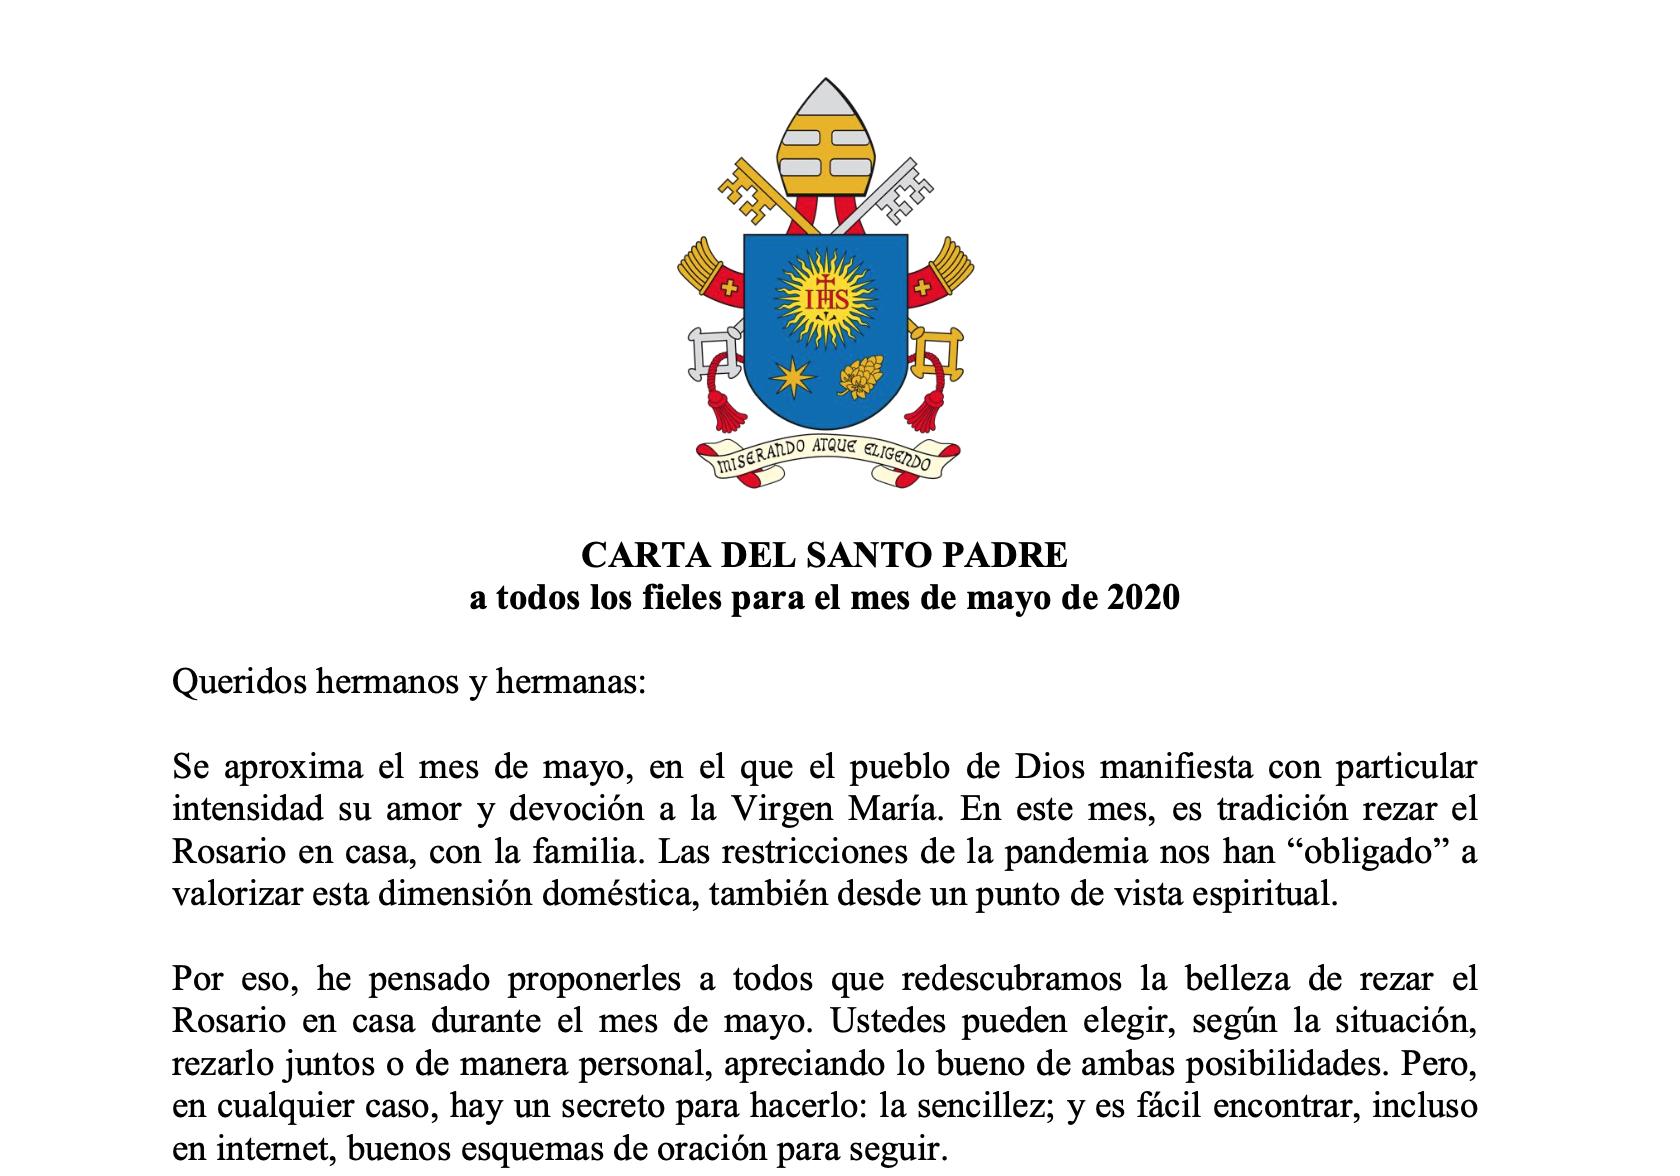 CARTA DEL SANTO PADRE a todos los fieles para el mes de mayo de 2020